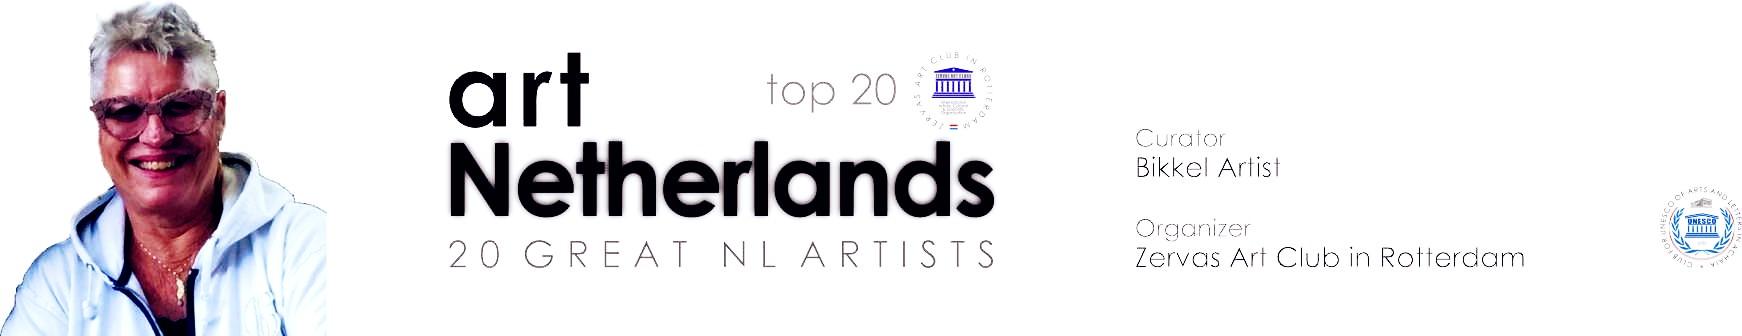 ART NETHERLANDS